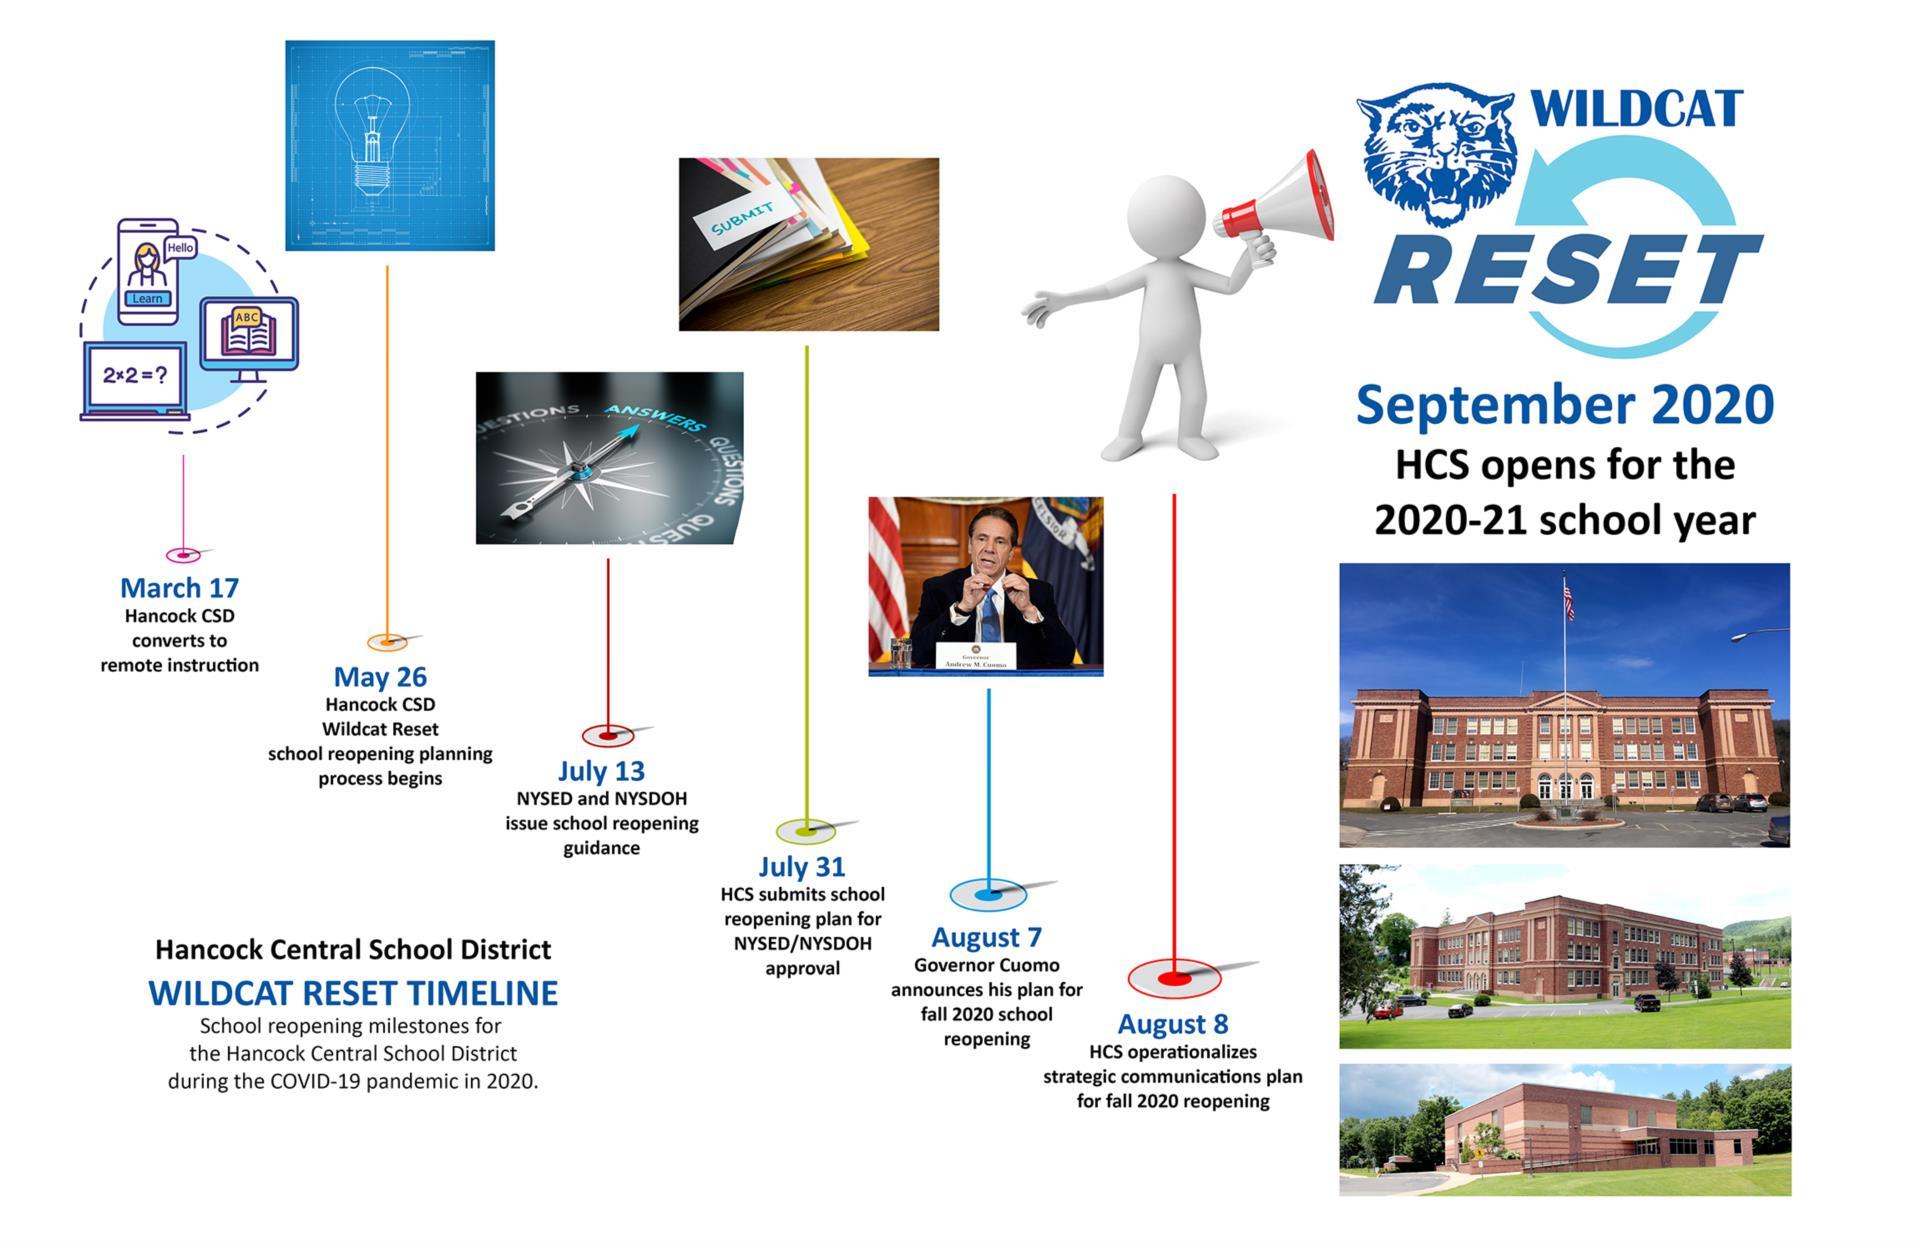 Wildcat Reset Timeline